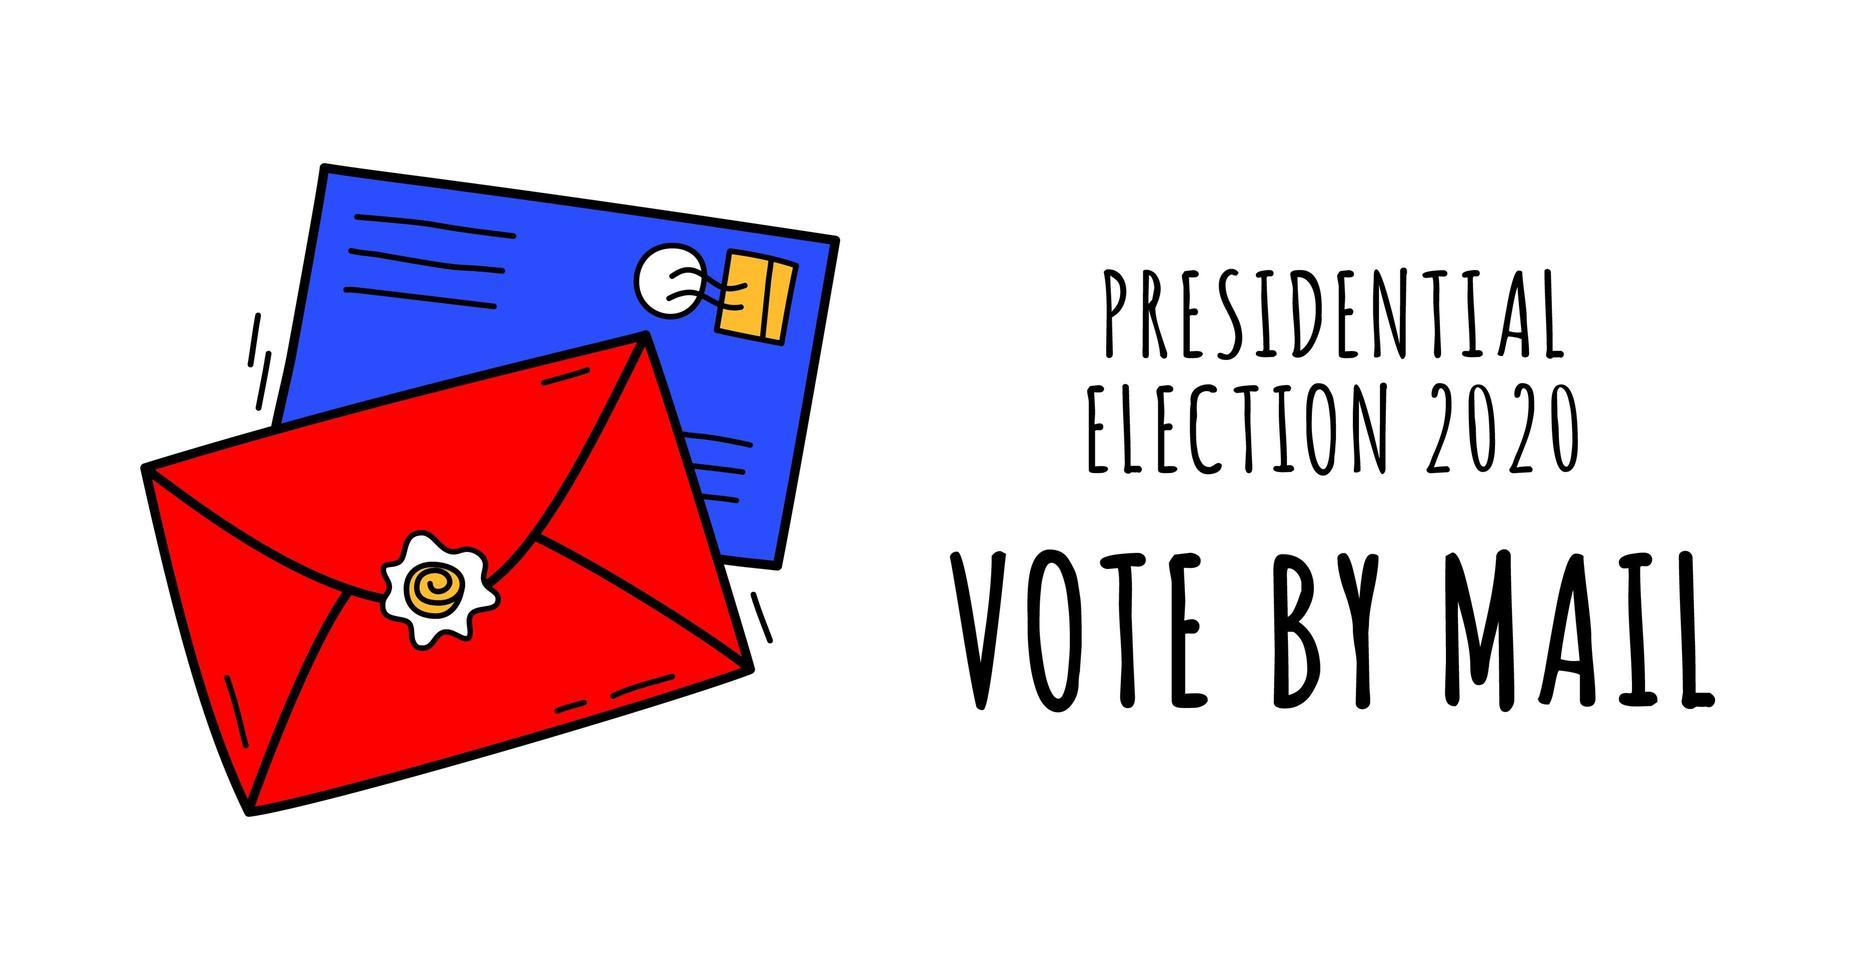 voto disegnato a mano per posta illustrazione vettoriale. stare al sicuro concetto le elezioni presidenziali degli Stati Uniti del 2020. modello per sfondo, banner, carta, poster con iscrizione di testo. vettore